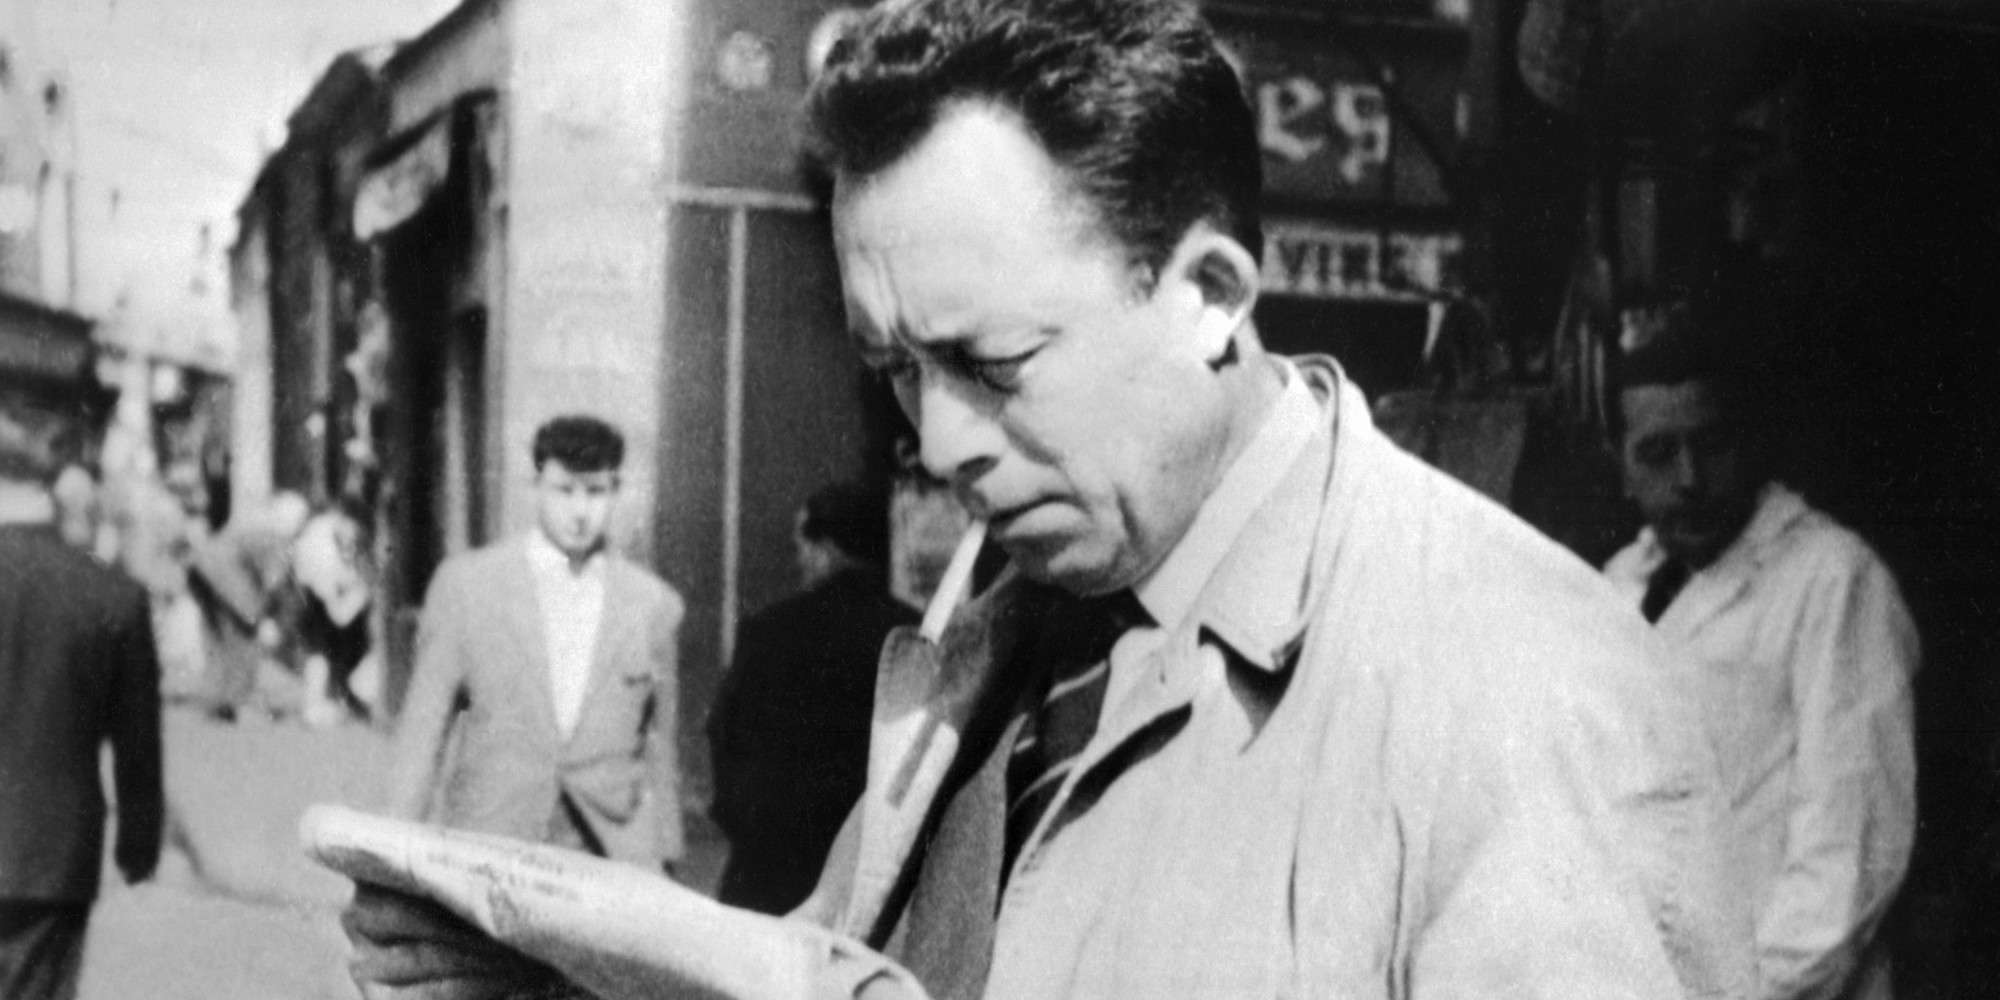 Ο Αλμπέρ Καμύ (Albert Camus, 7 Νοεμβρίου 1913 - 4 Ιανουαρίου 1960) ήταν Γάλλος φιλόσοφος και συγγραφέας